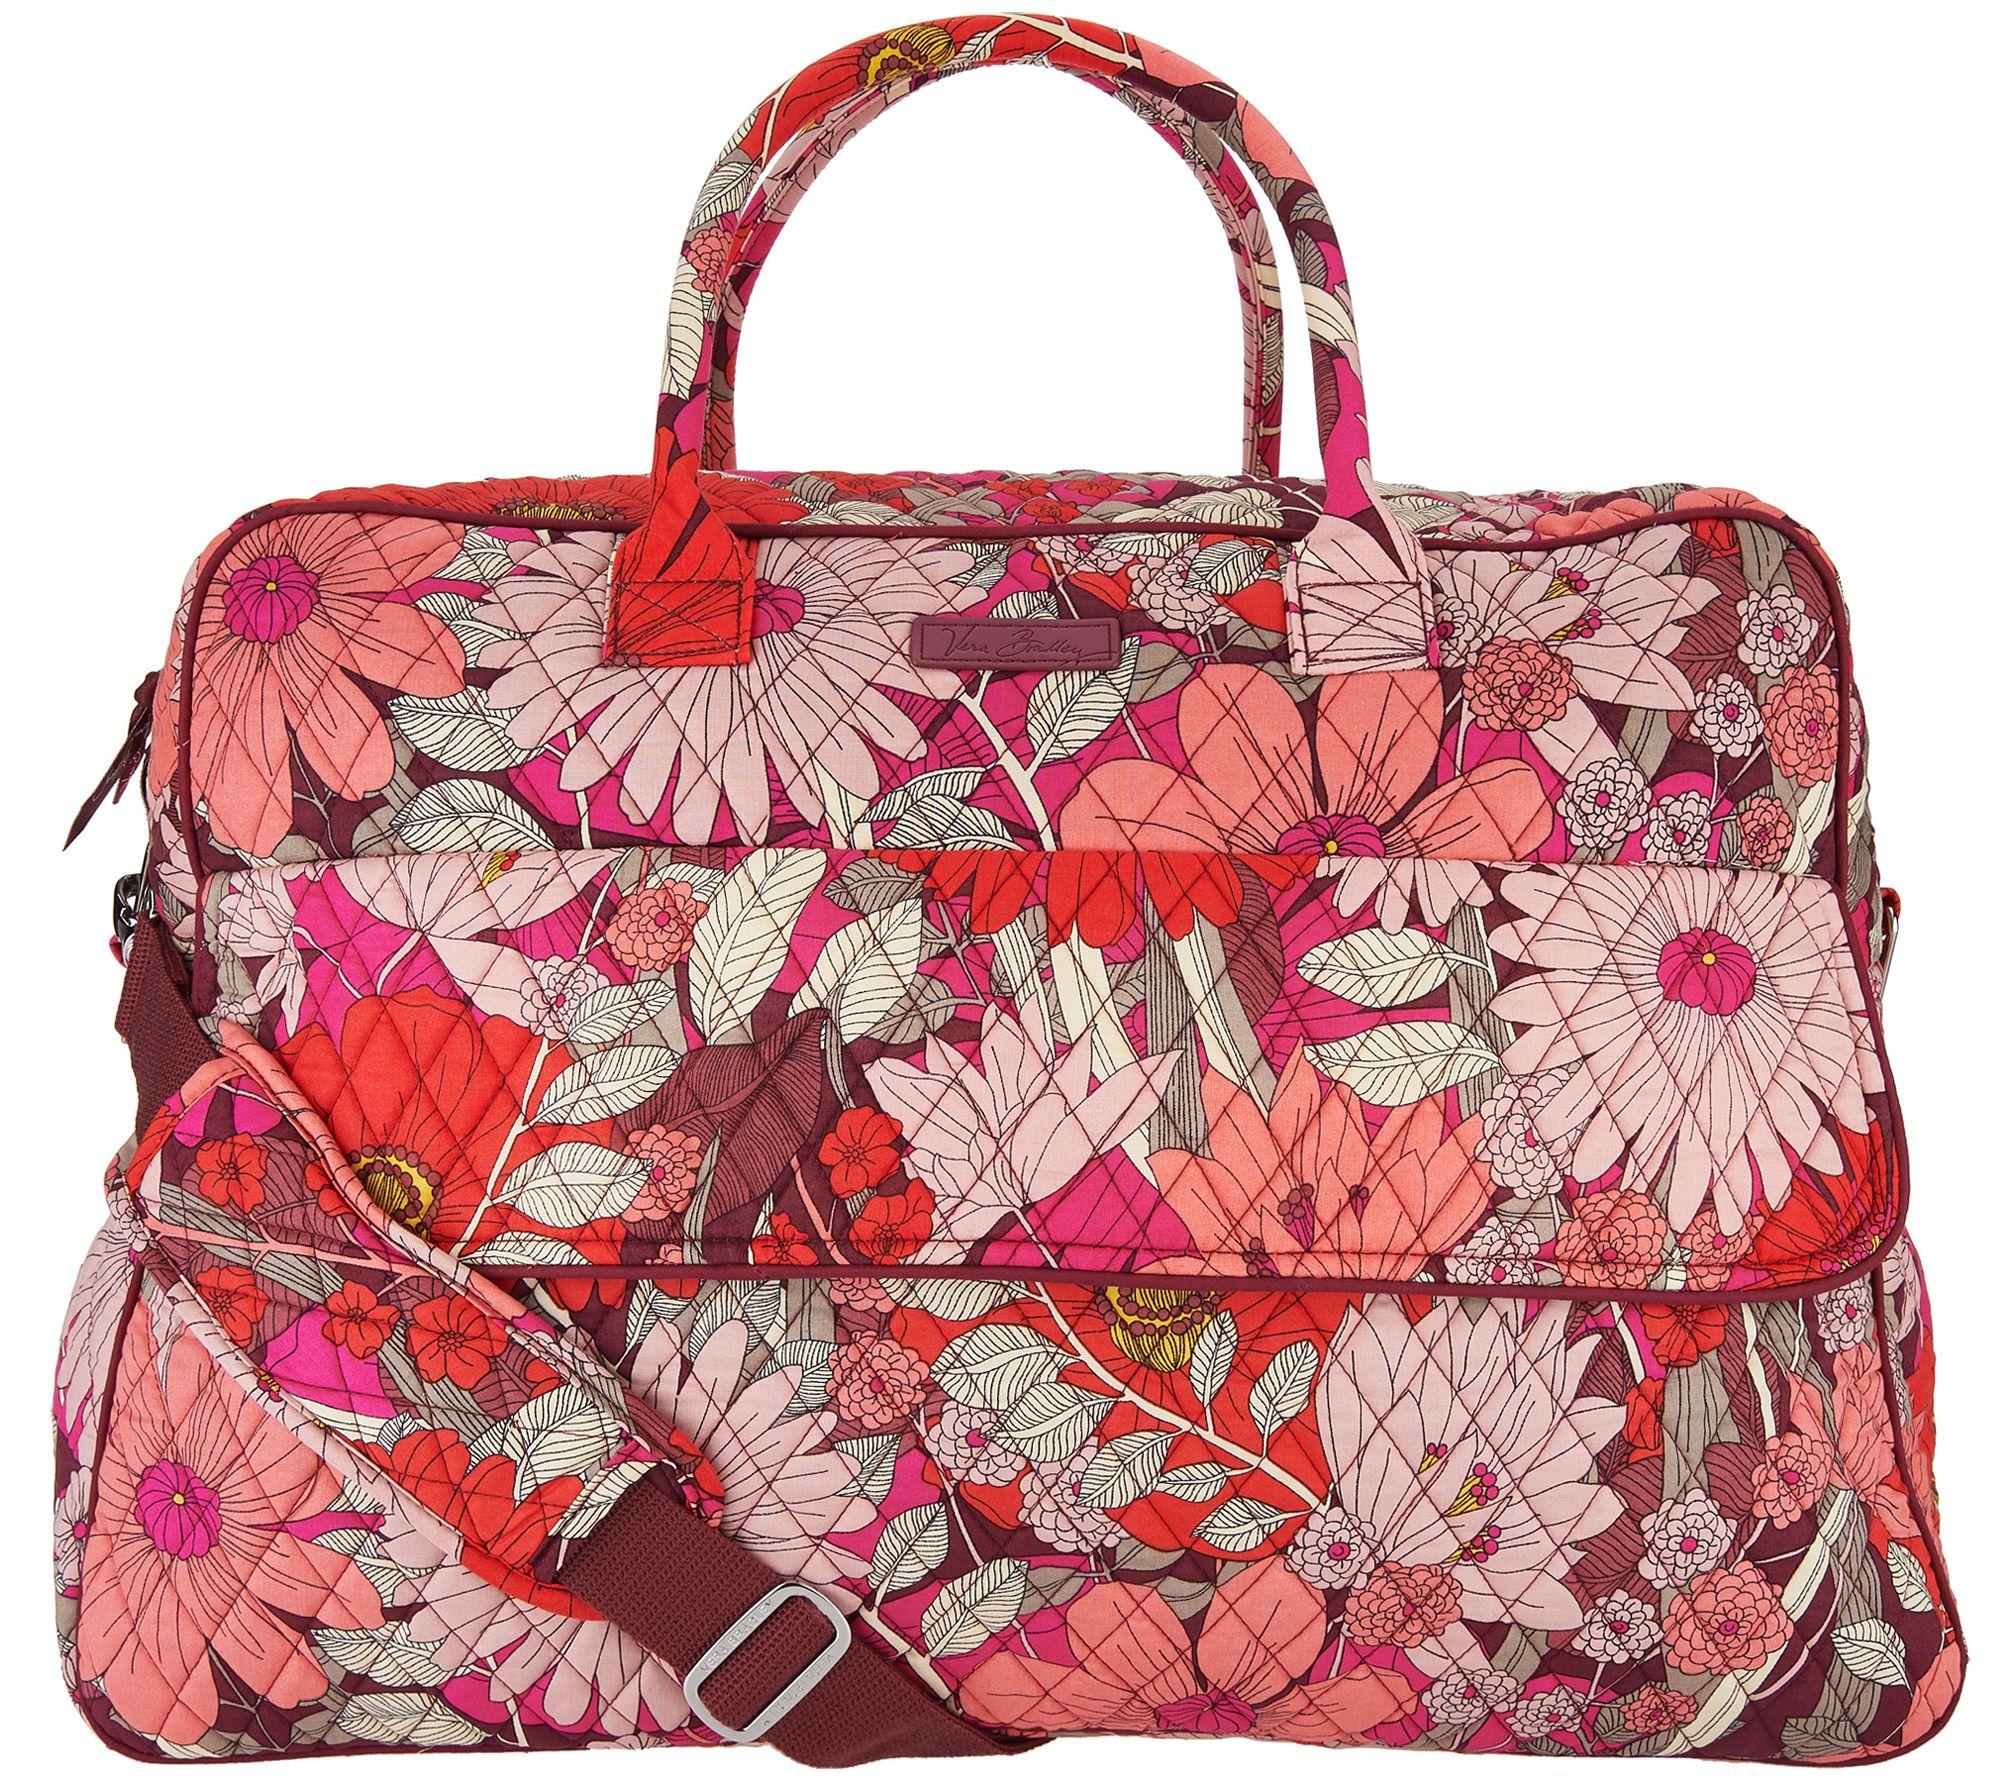 Vera Bradley Signature Print Grand Traveler Travel Bag Qvc Com